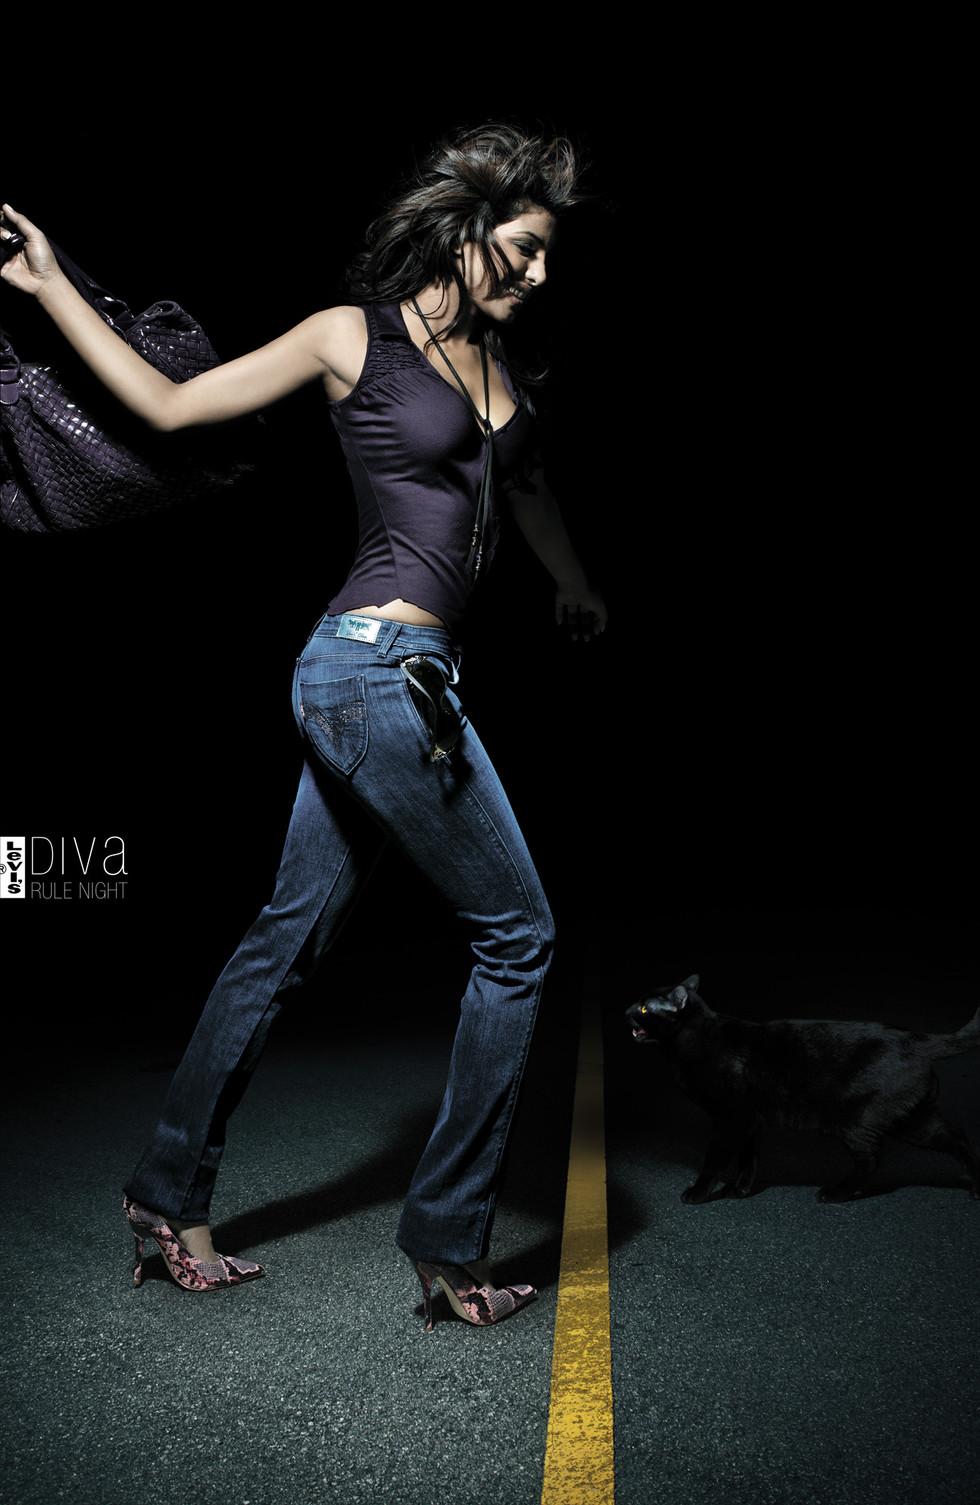 Levis - Diva cat 2.jpg